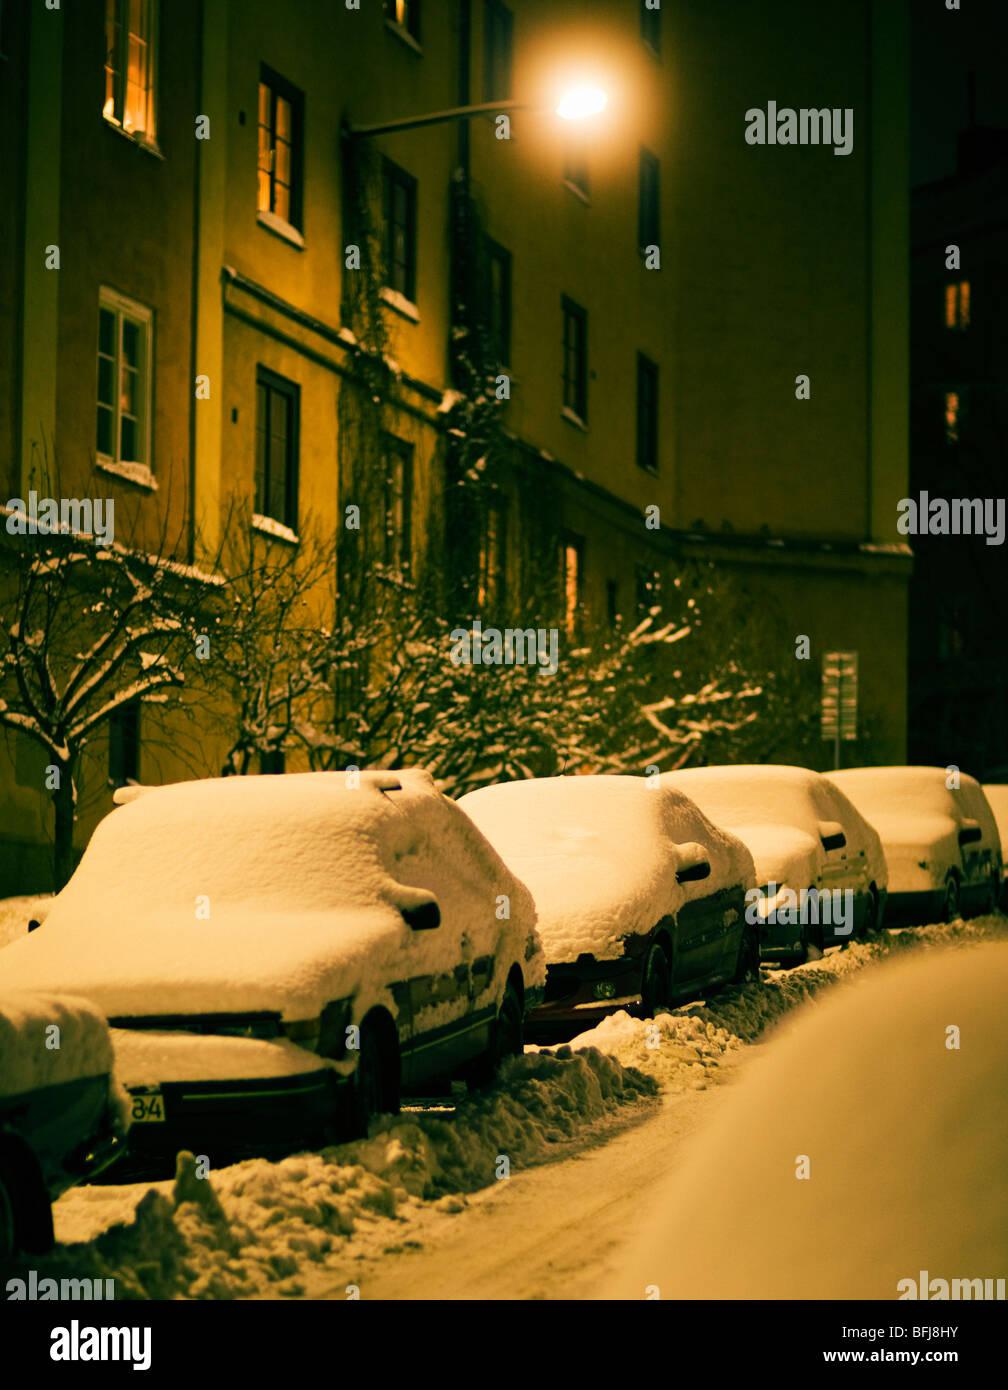 Verschneite Autos auf einer Straße, Schweden. Stockbild